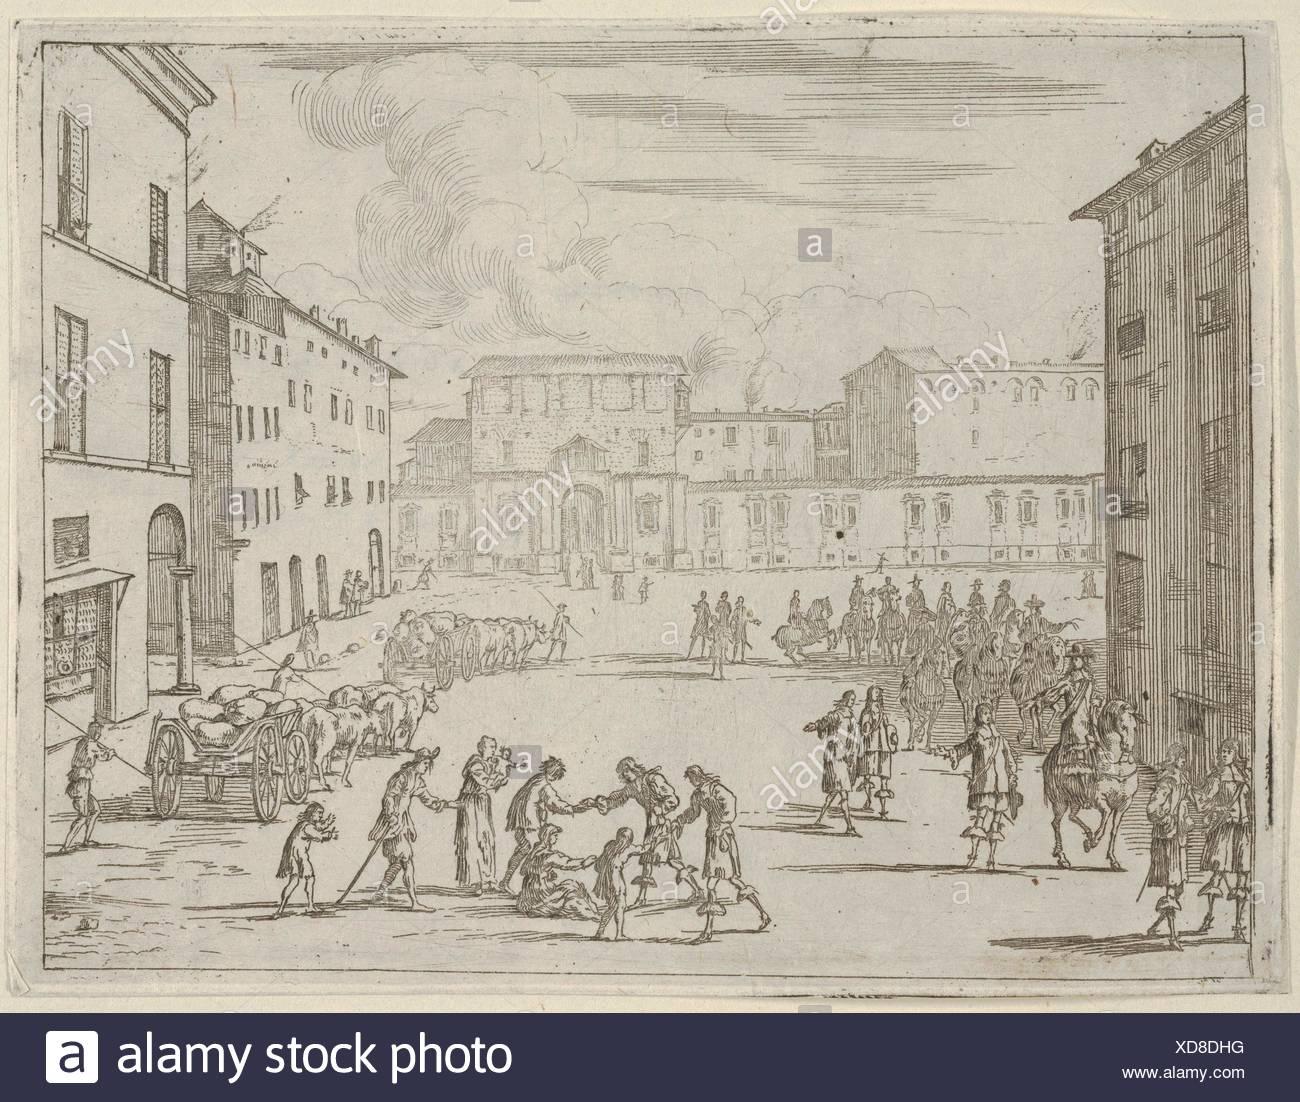 Francesco I d'während der großen Hungersnot von 1648 und 1649 Este unterstützt seine Untertanen mit großem Edelmut, von L'Idea di un Principe ed Eroe Cristiano Stockbild